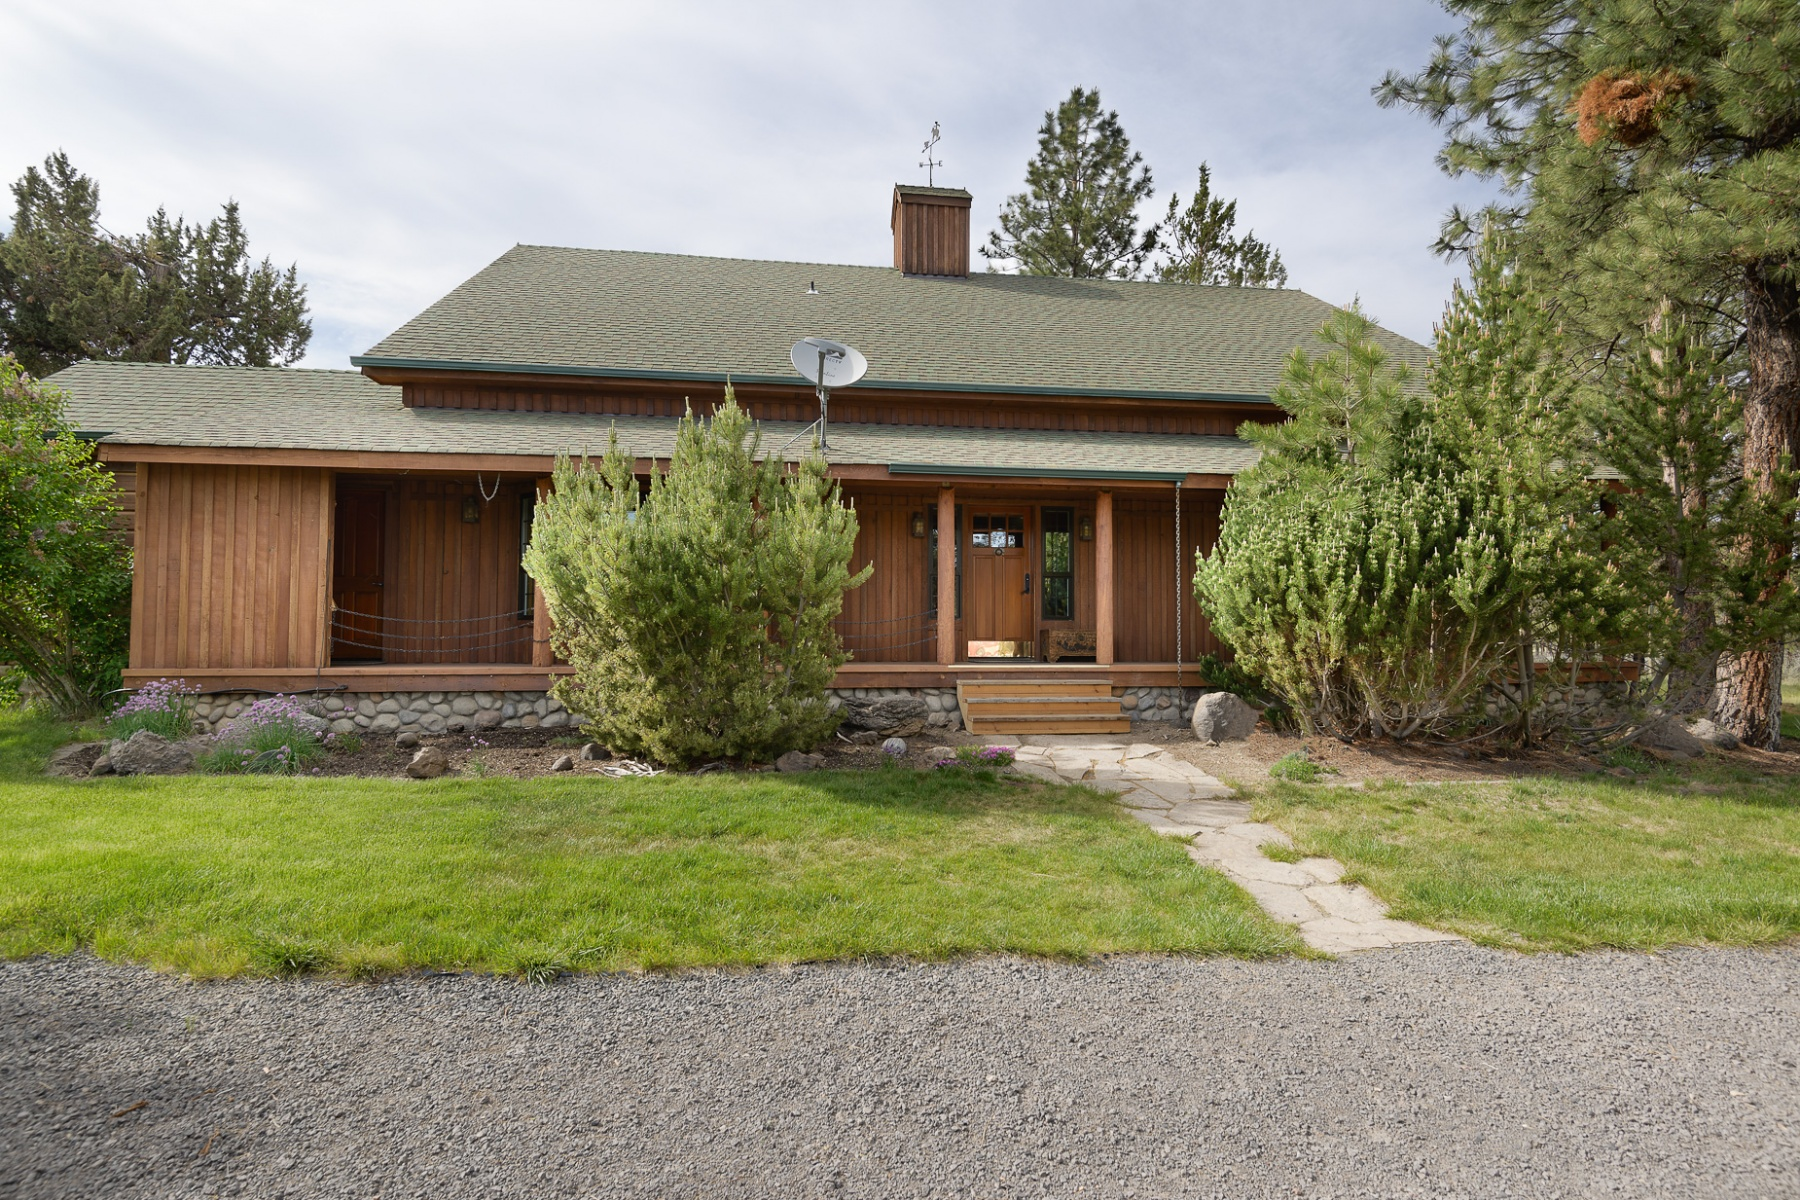 独户住宅 为 销售 在 Home, Acreage, Animal Set-Up 67373 Bass Ln 本德, 俄勒冈州, 97703 美国